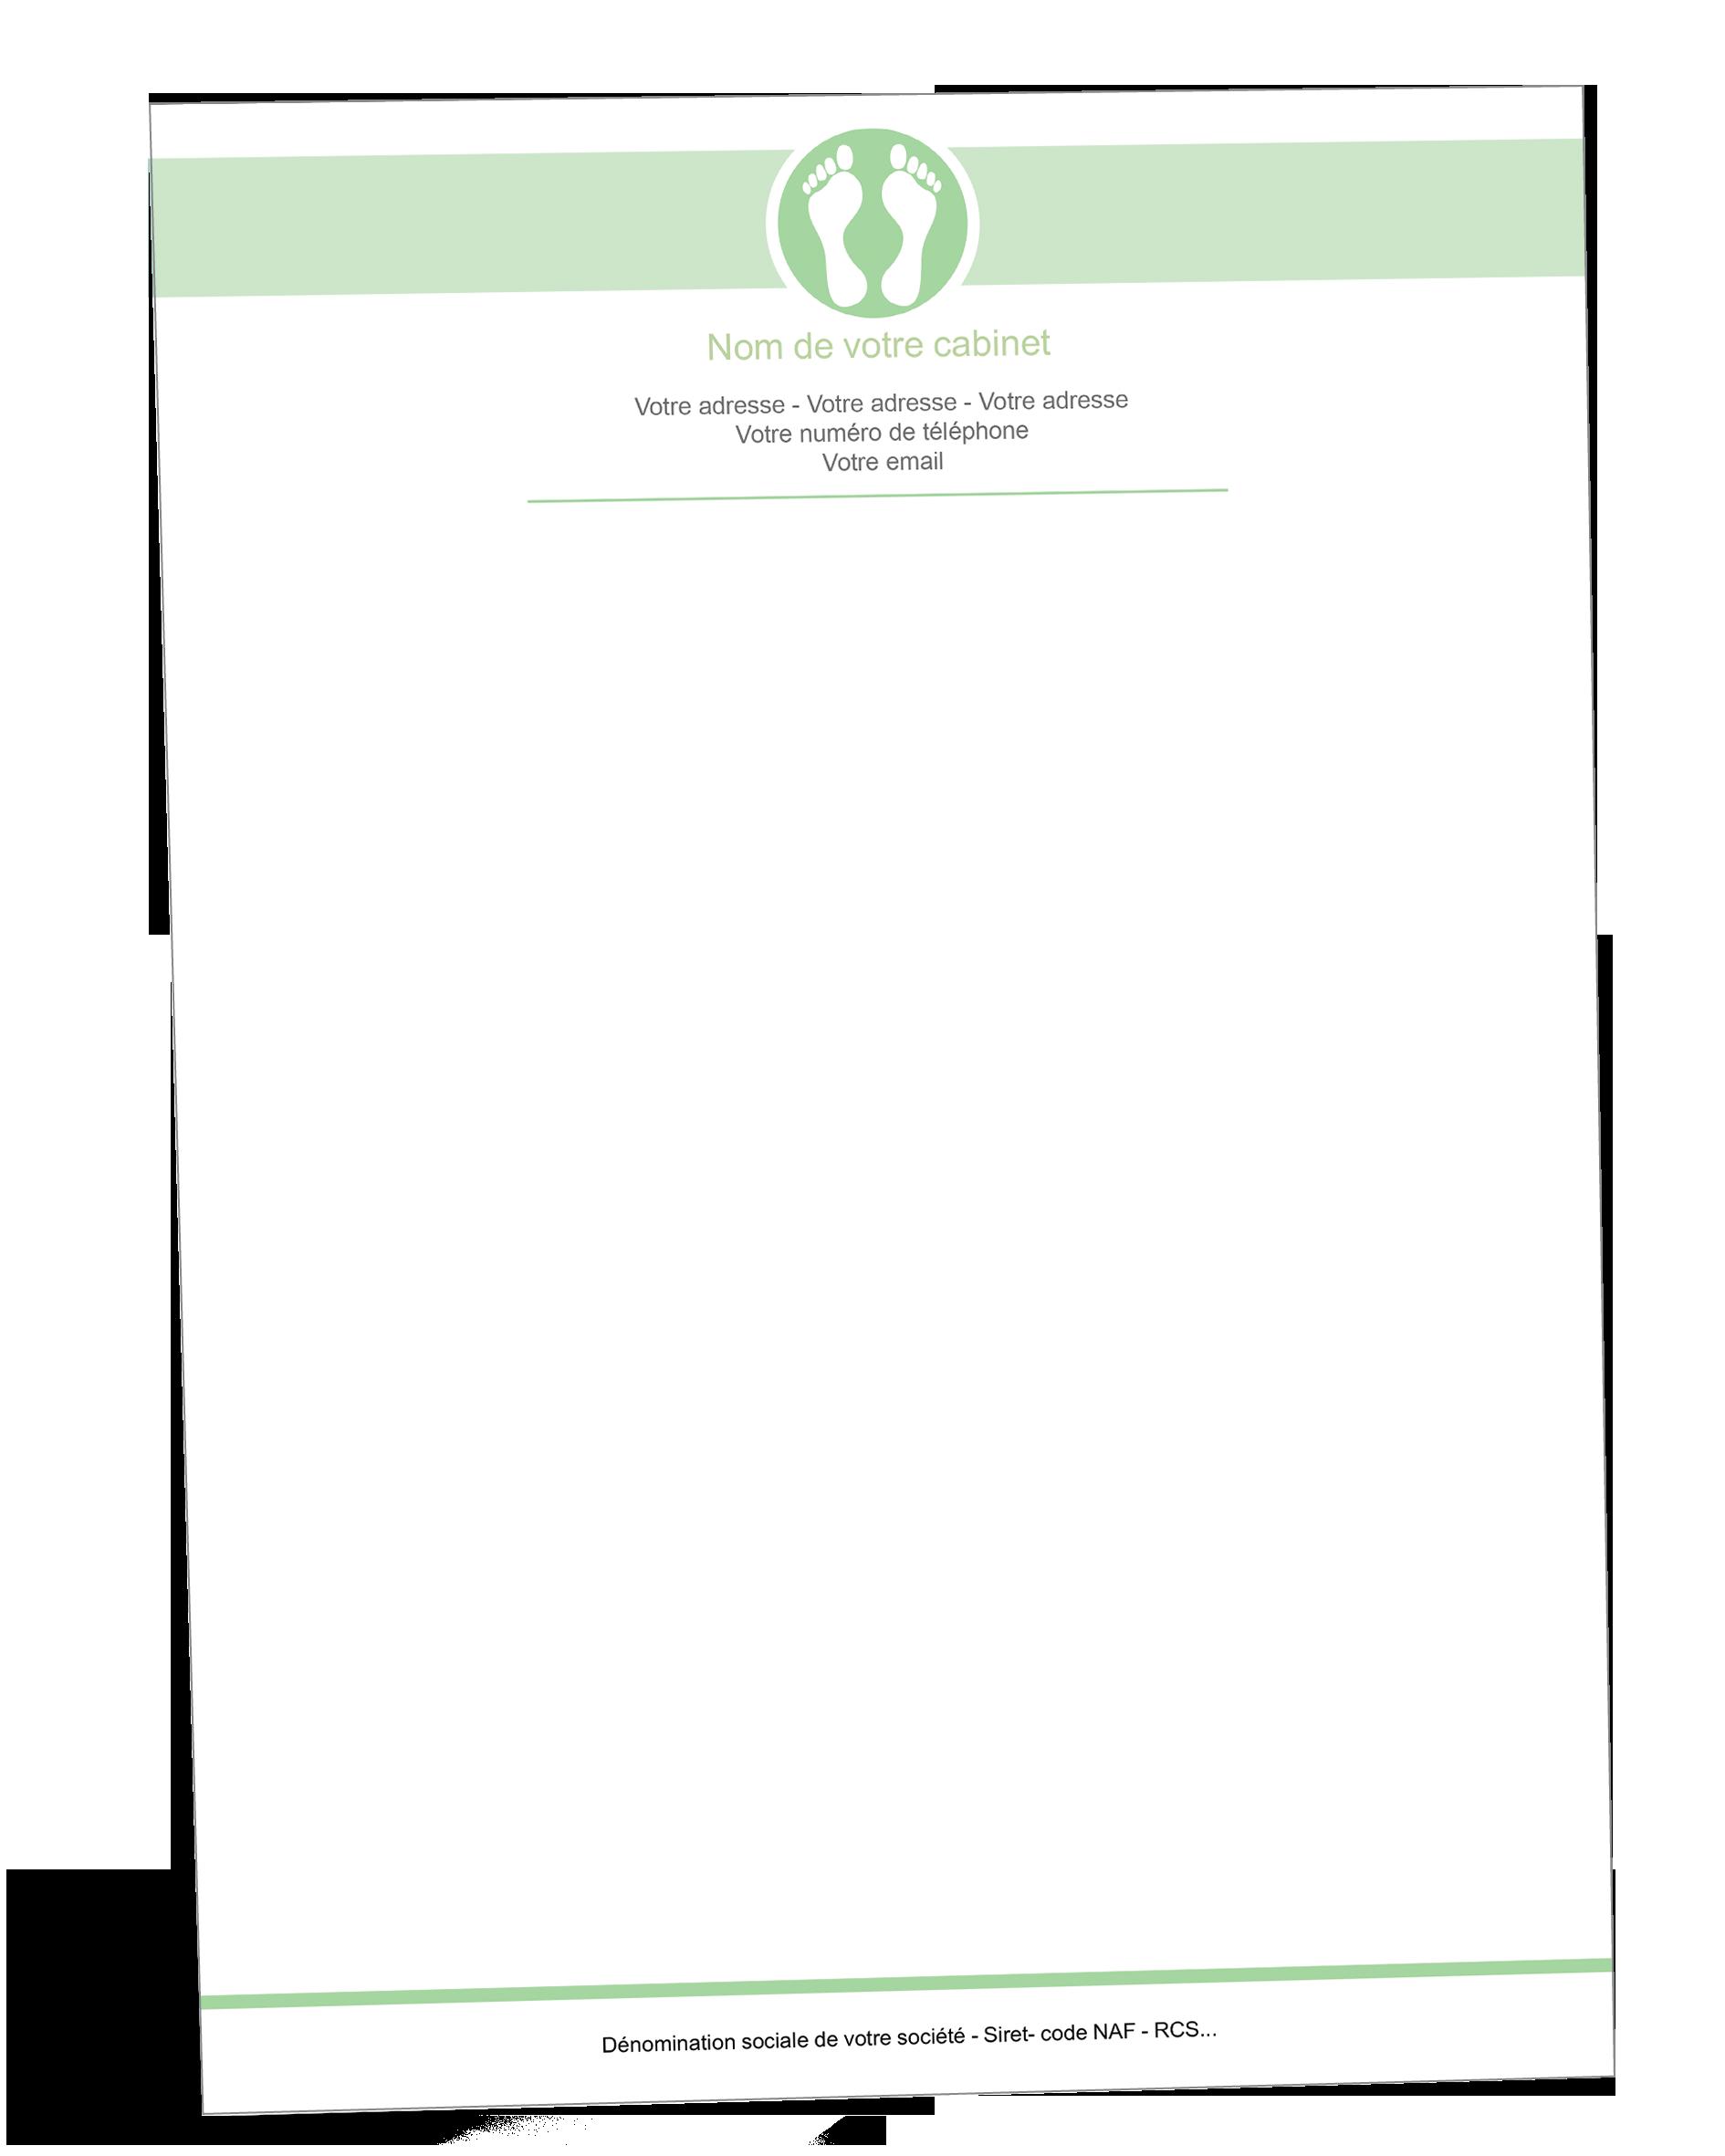 Tolle Elfenbein Lebenslauf Papier Bilder - Entry Level Resume ...